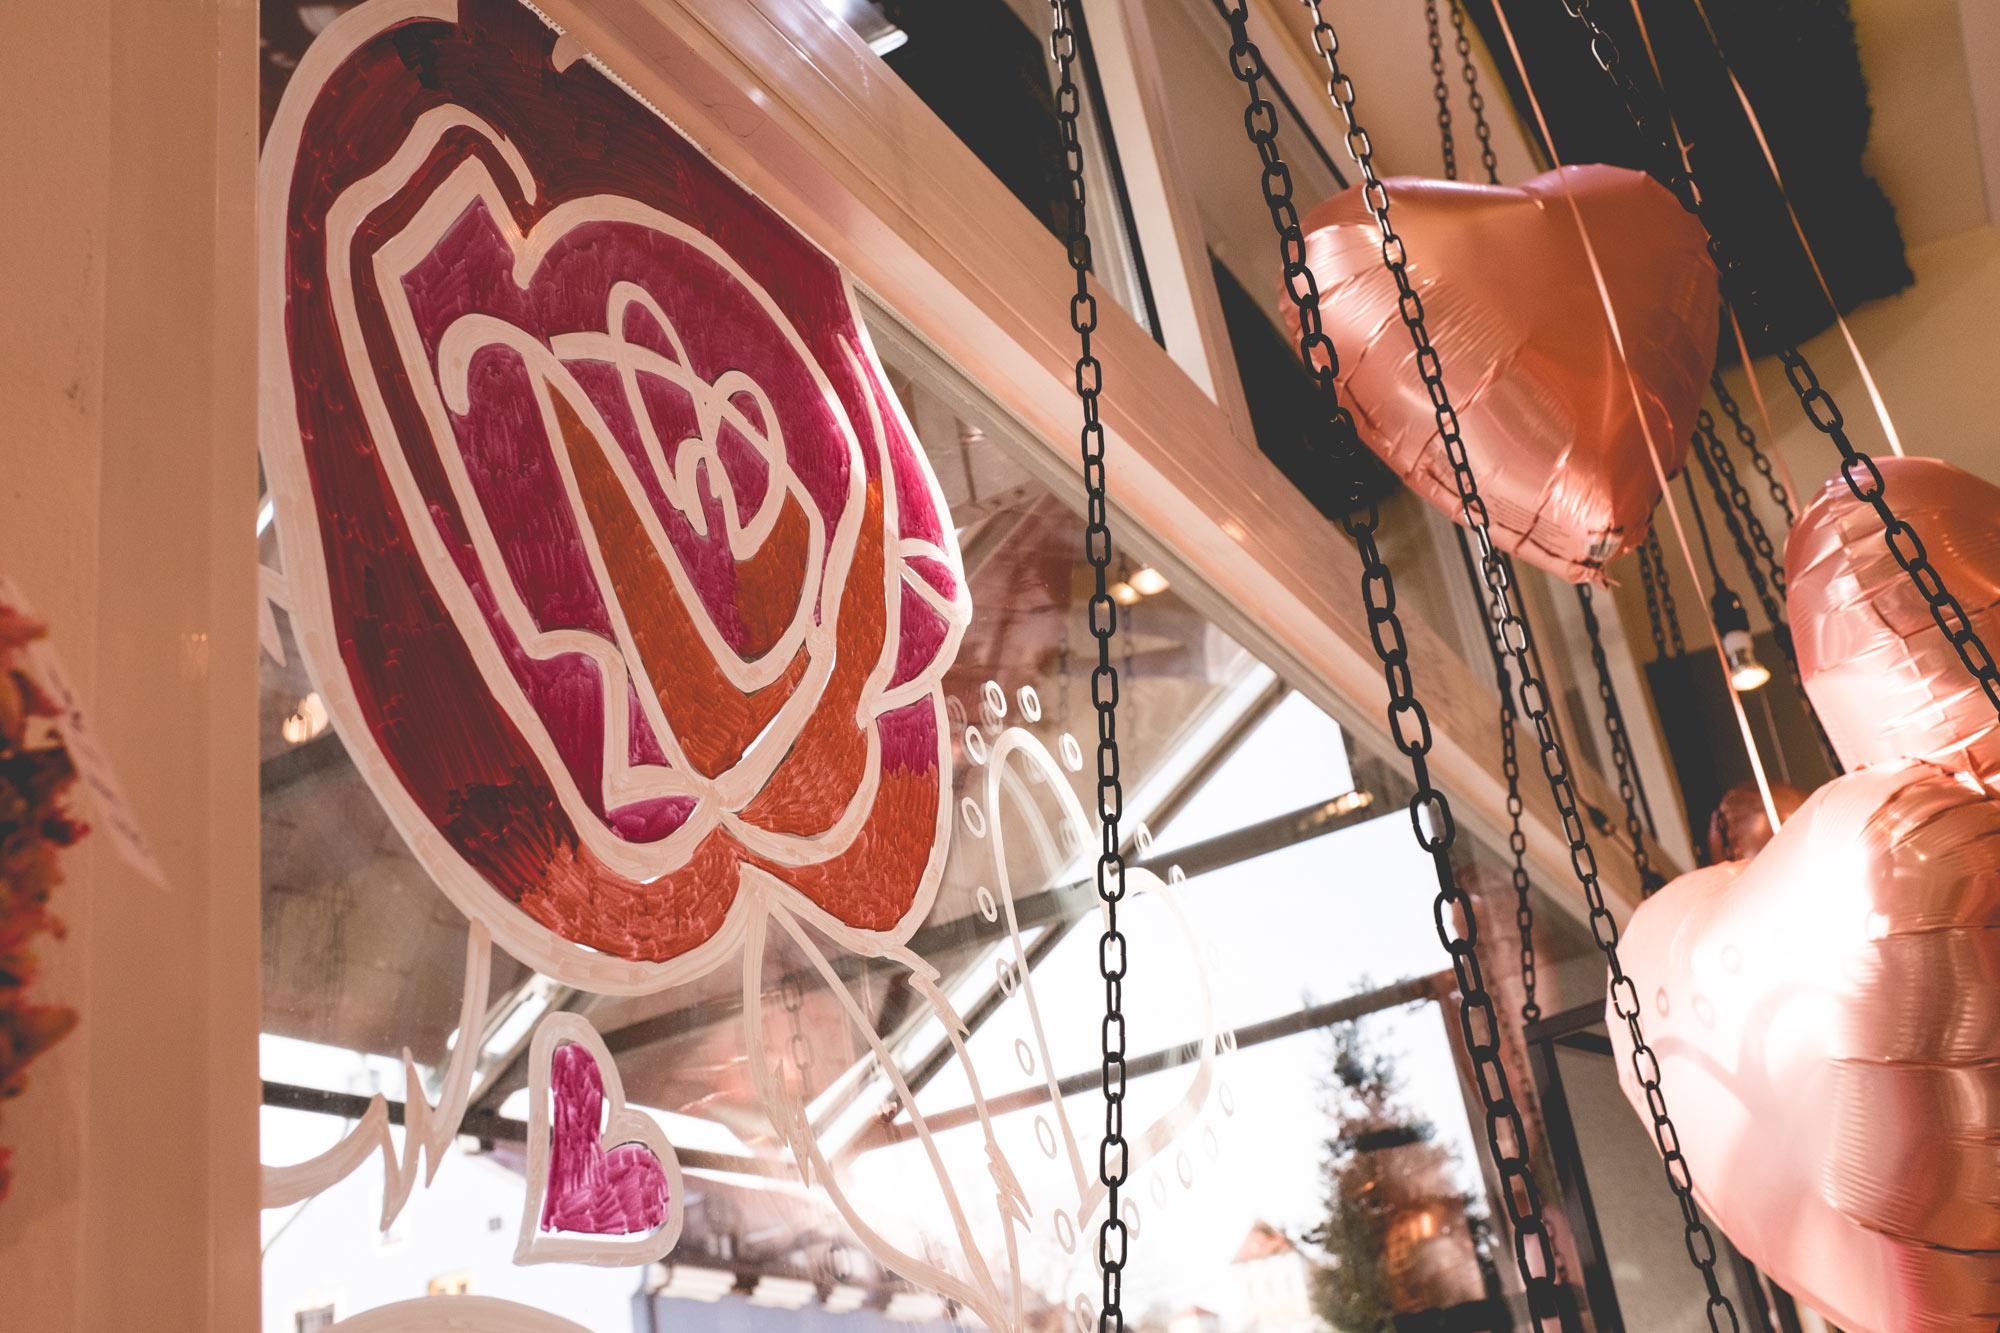 Eine auf das Schaufenster gezeichnete Rose in pink